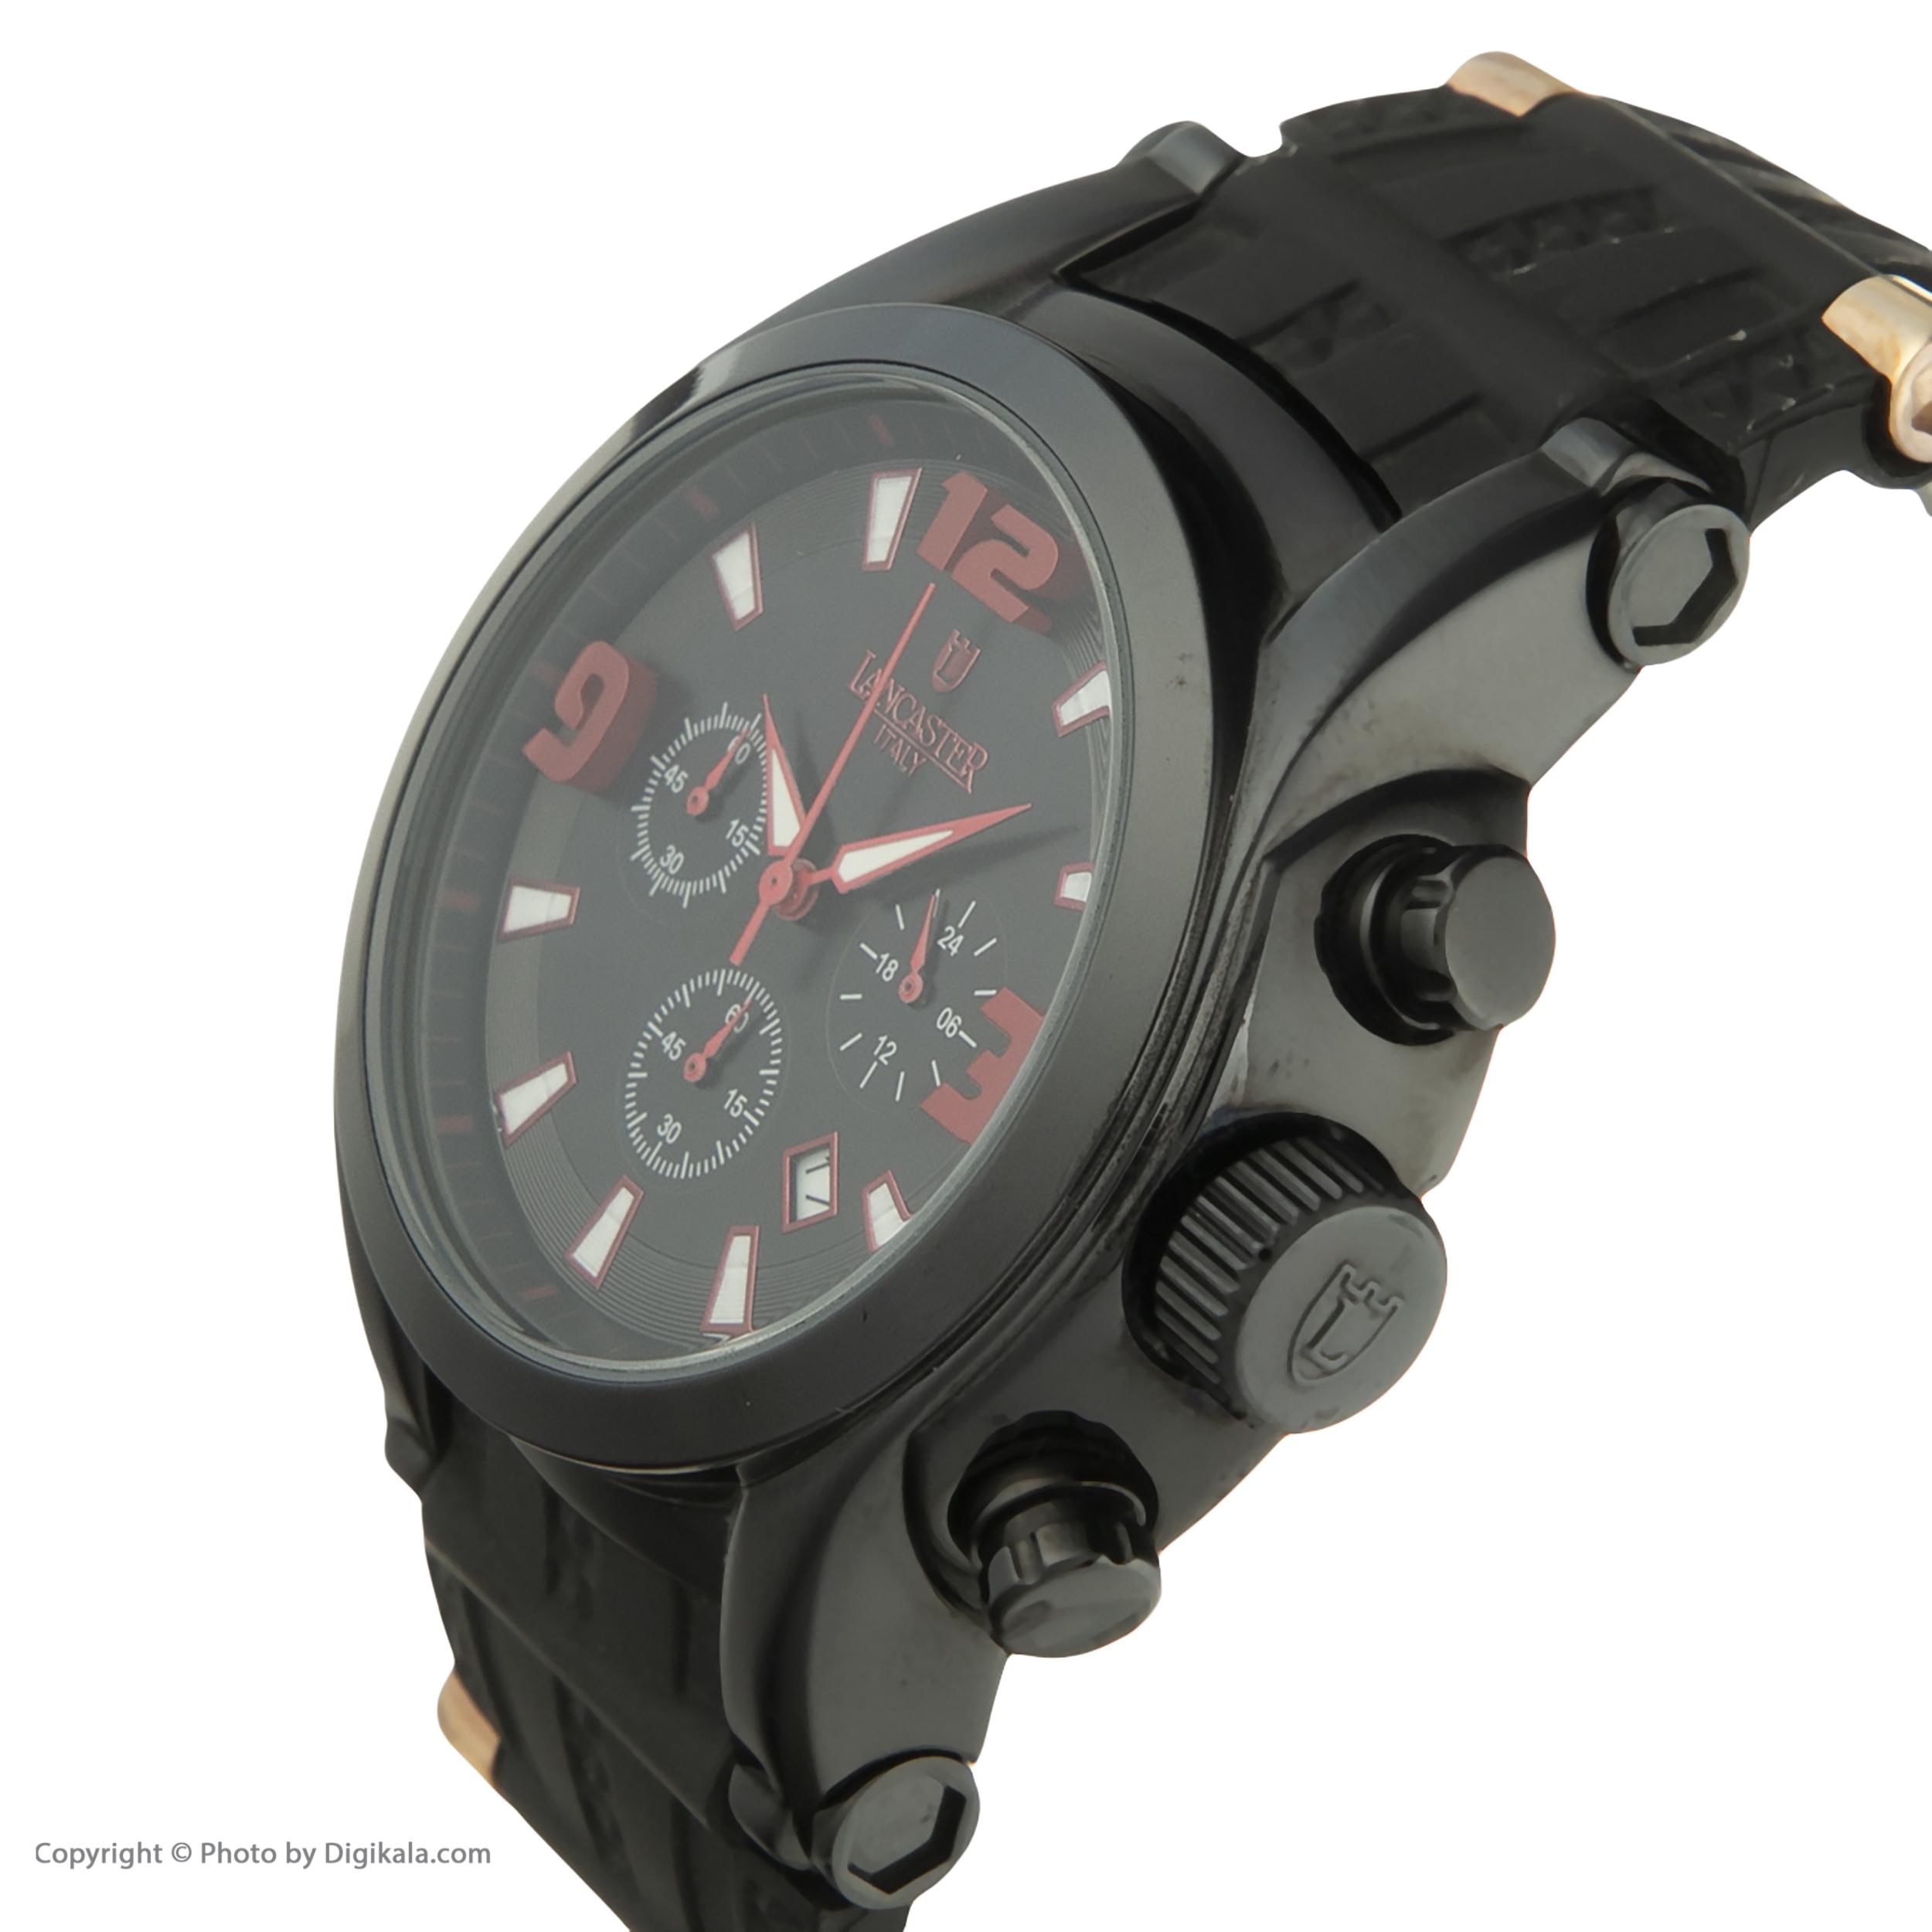 ساعت مچی عقربه ای مردانه لنکستر مدل 548BKNRRSNR کد 46